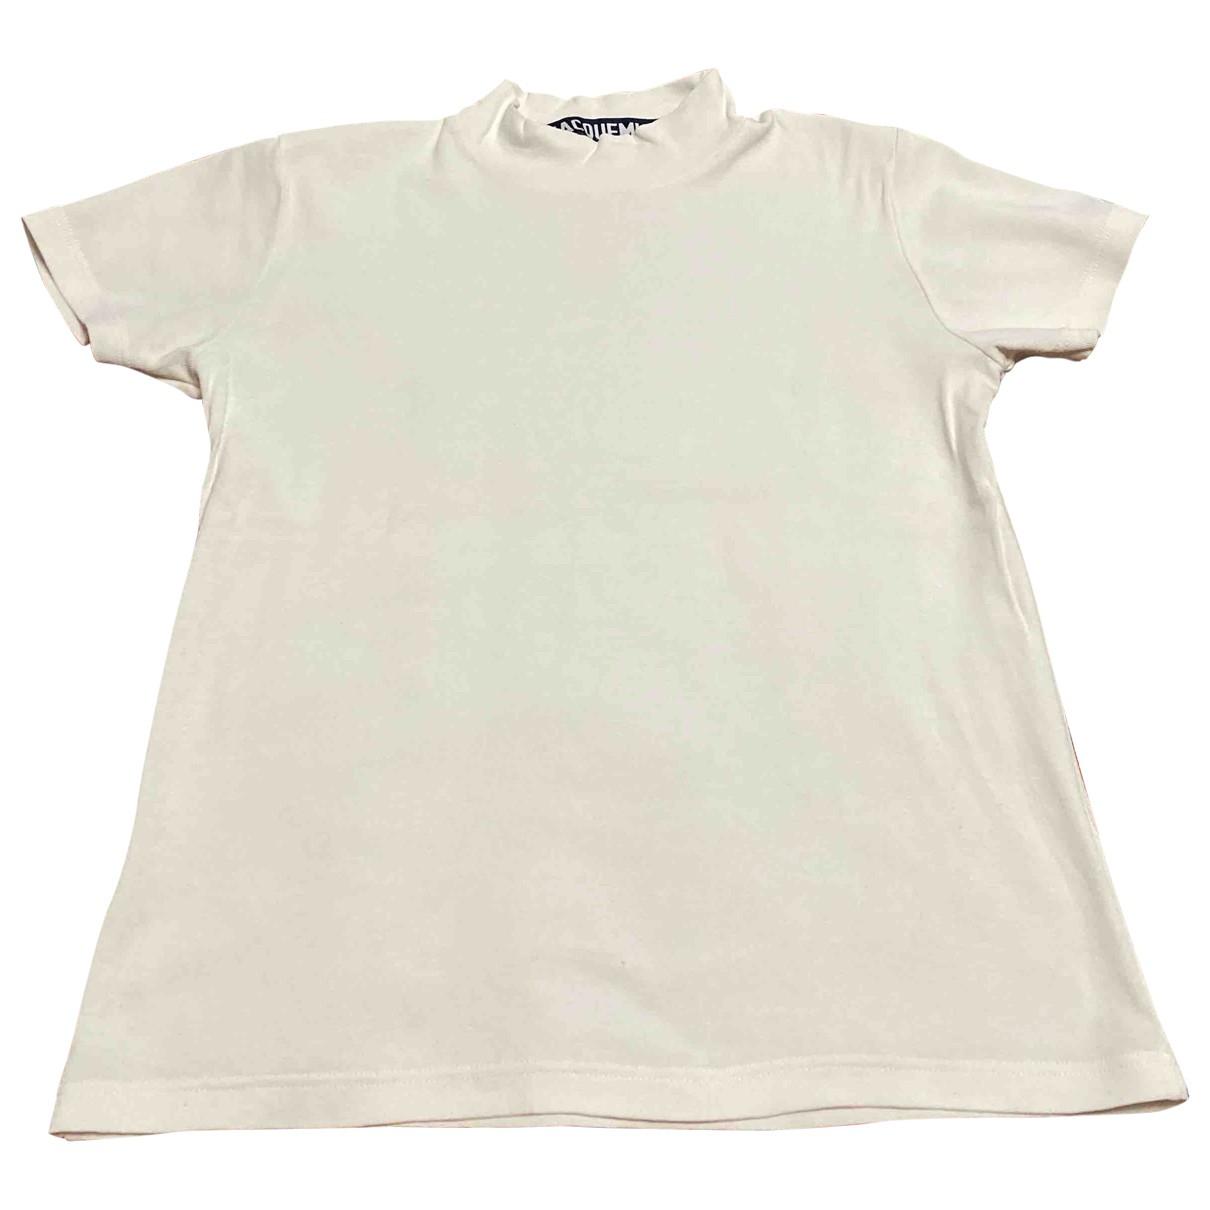 Jacquemus - Top   pour femme en coton - blanc